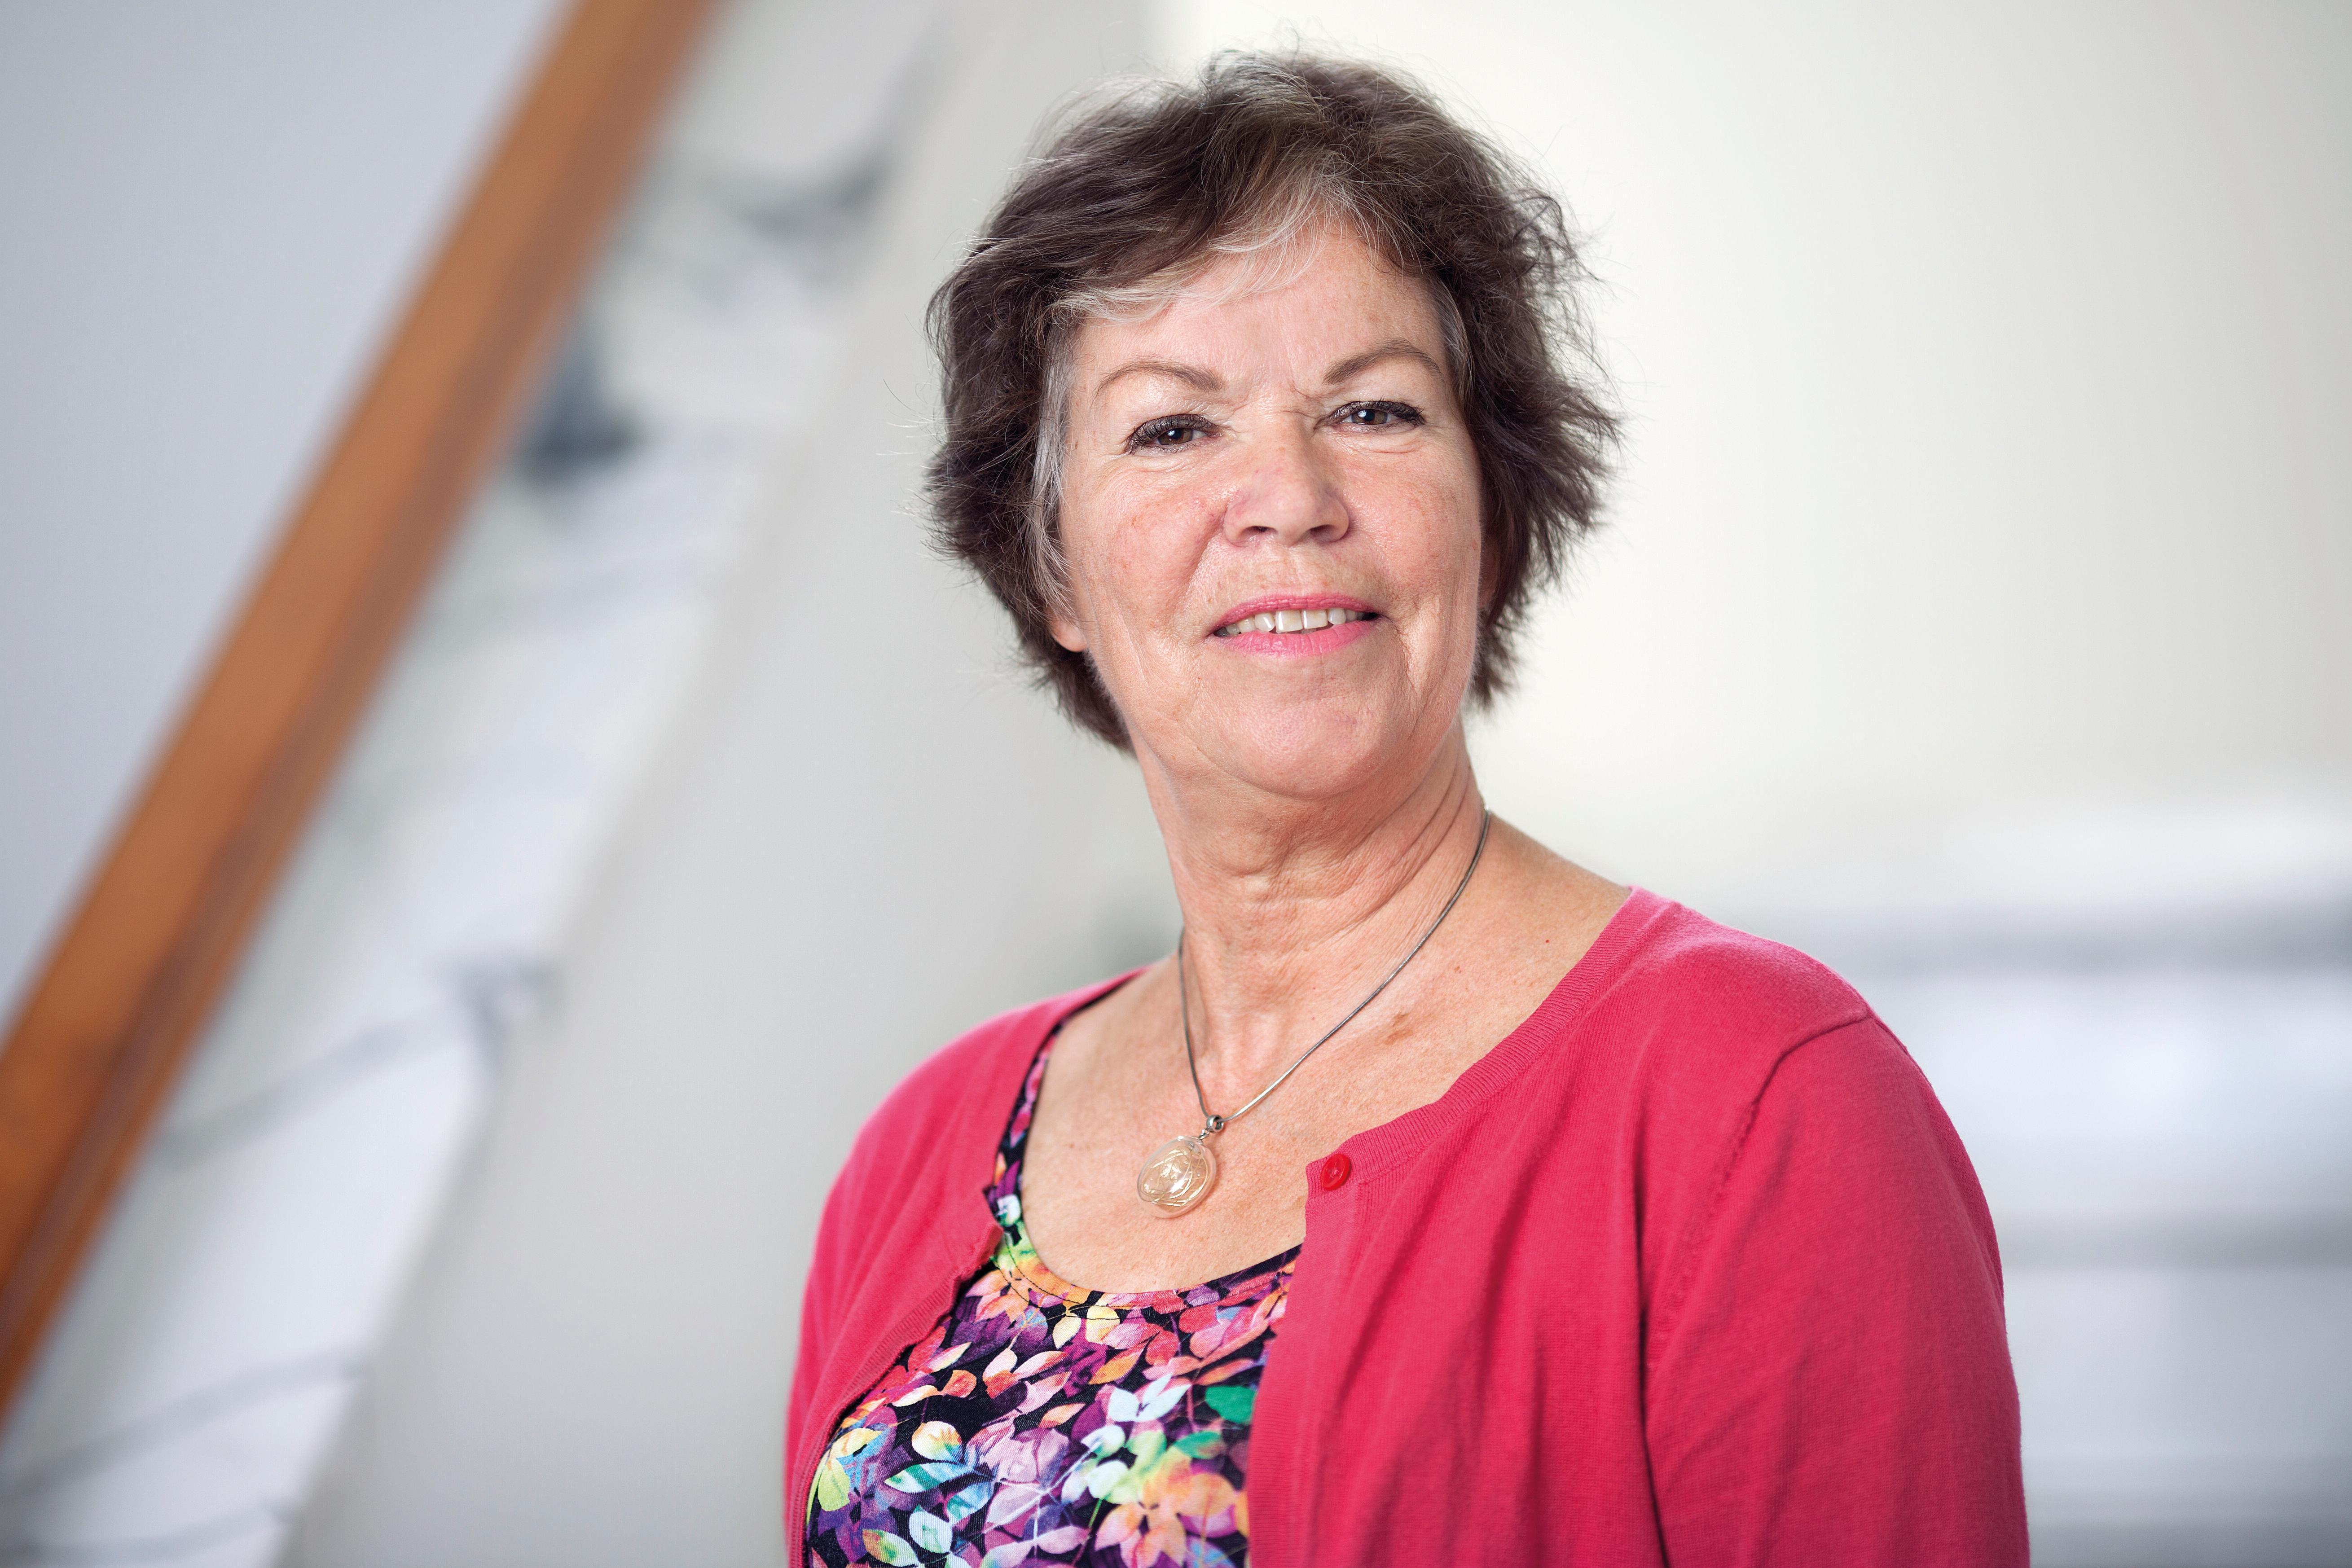 Als kind vroeg wethouder Marianne Steijn van Velsen zich al af: Waarom krijgt een directeur meer vakantiegeld dan een arbeider? 'Voor hen is de camping allebei even duur'